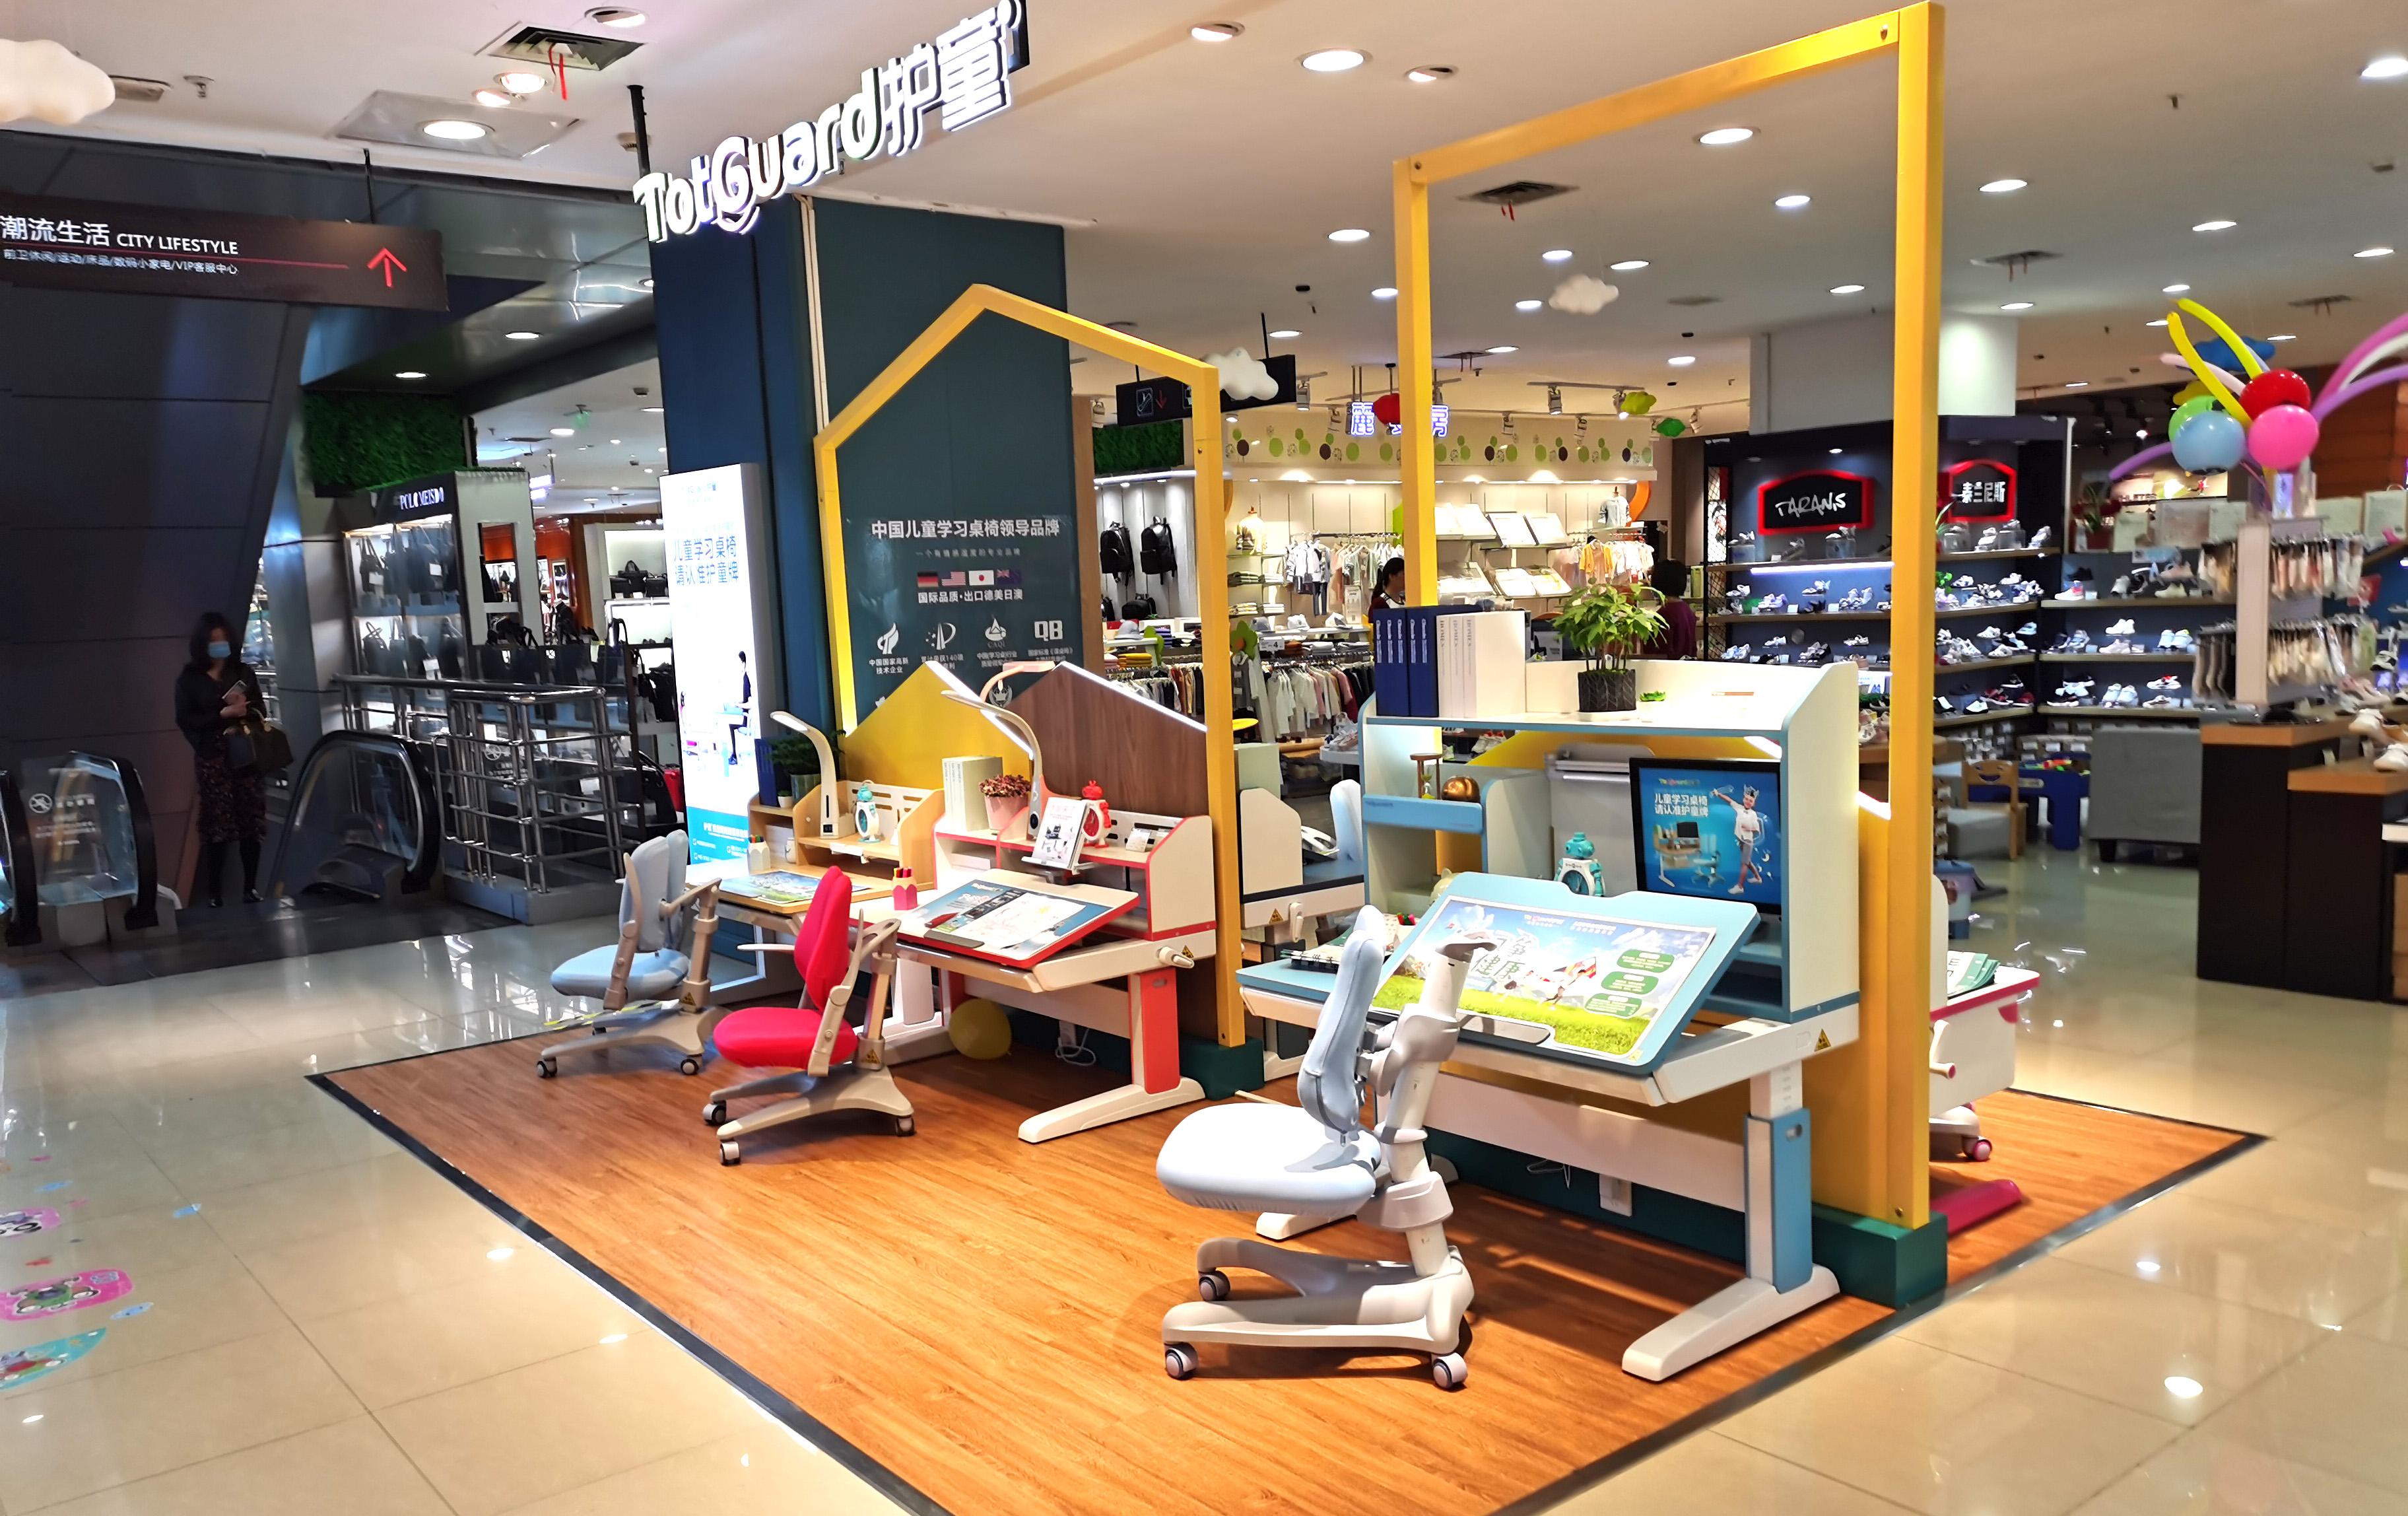 热烈祝贺护童第1966家杭州临平银泰百货护童专柜盛大开业!